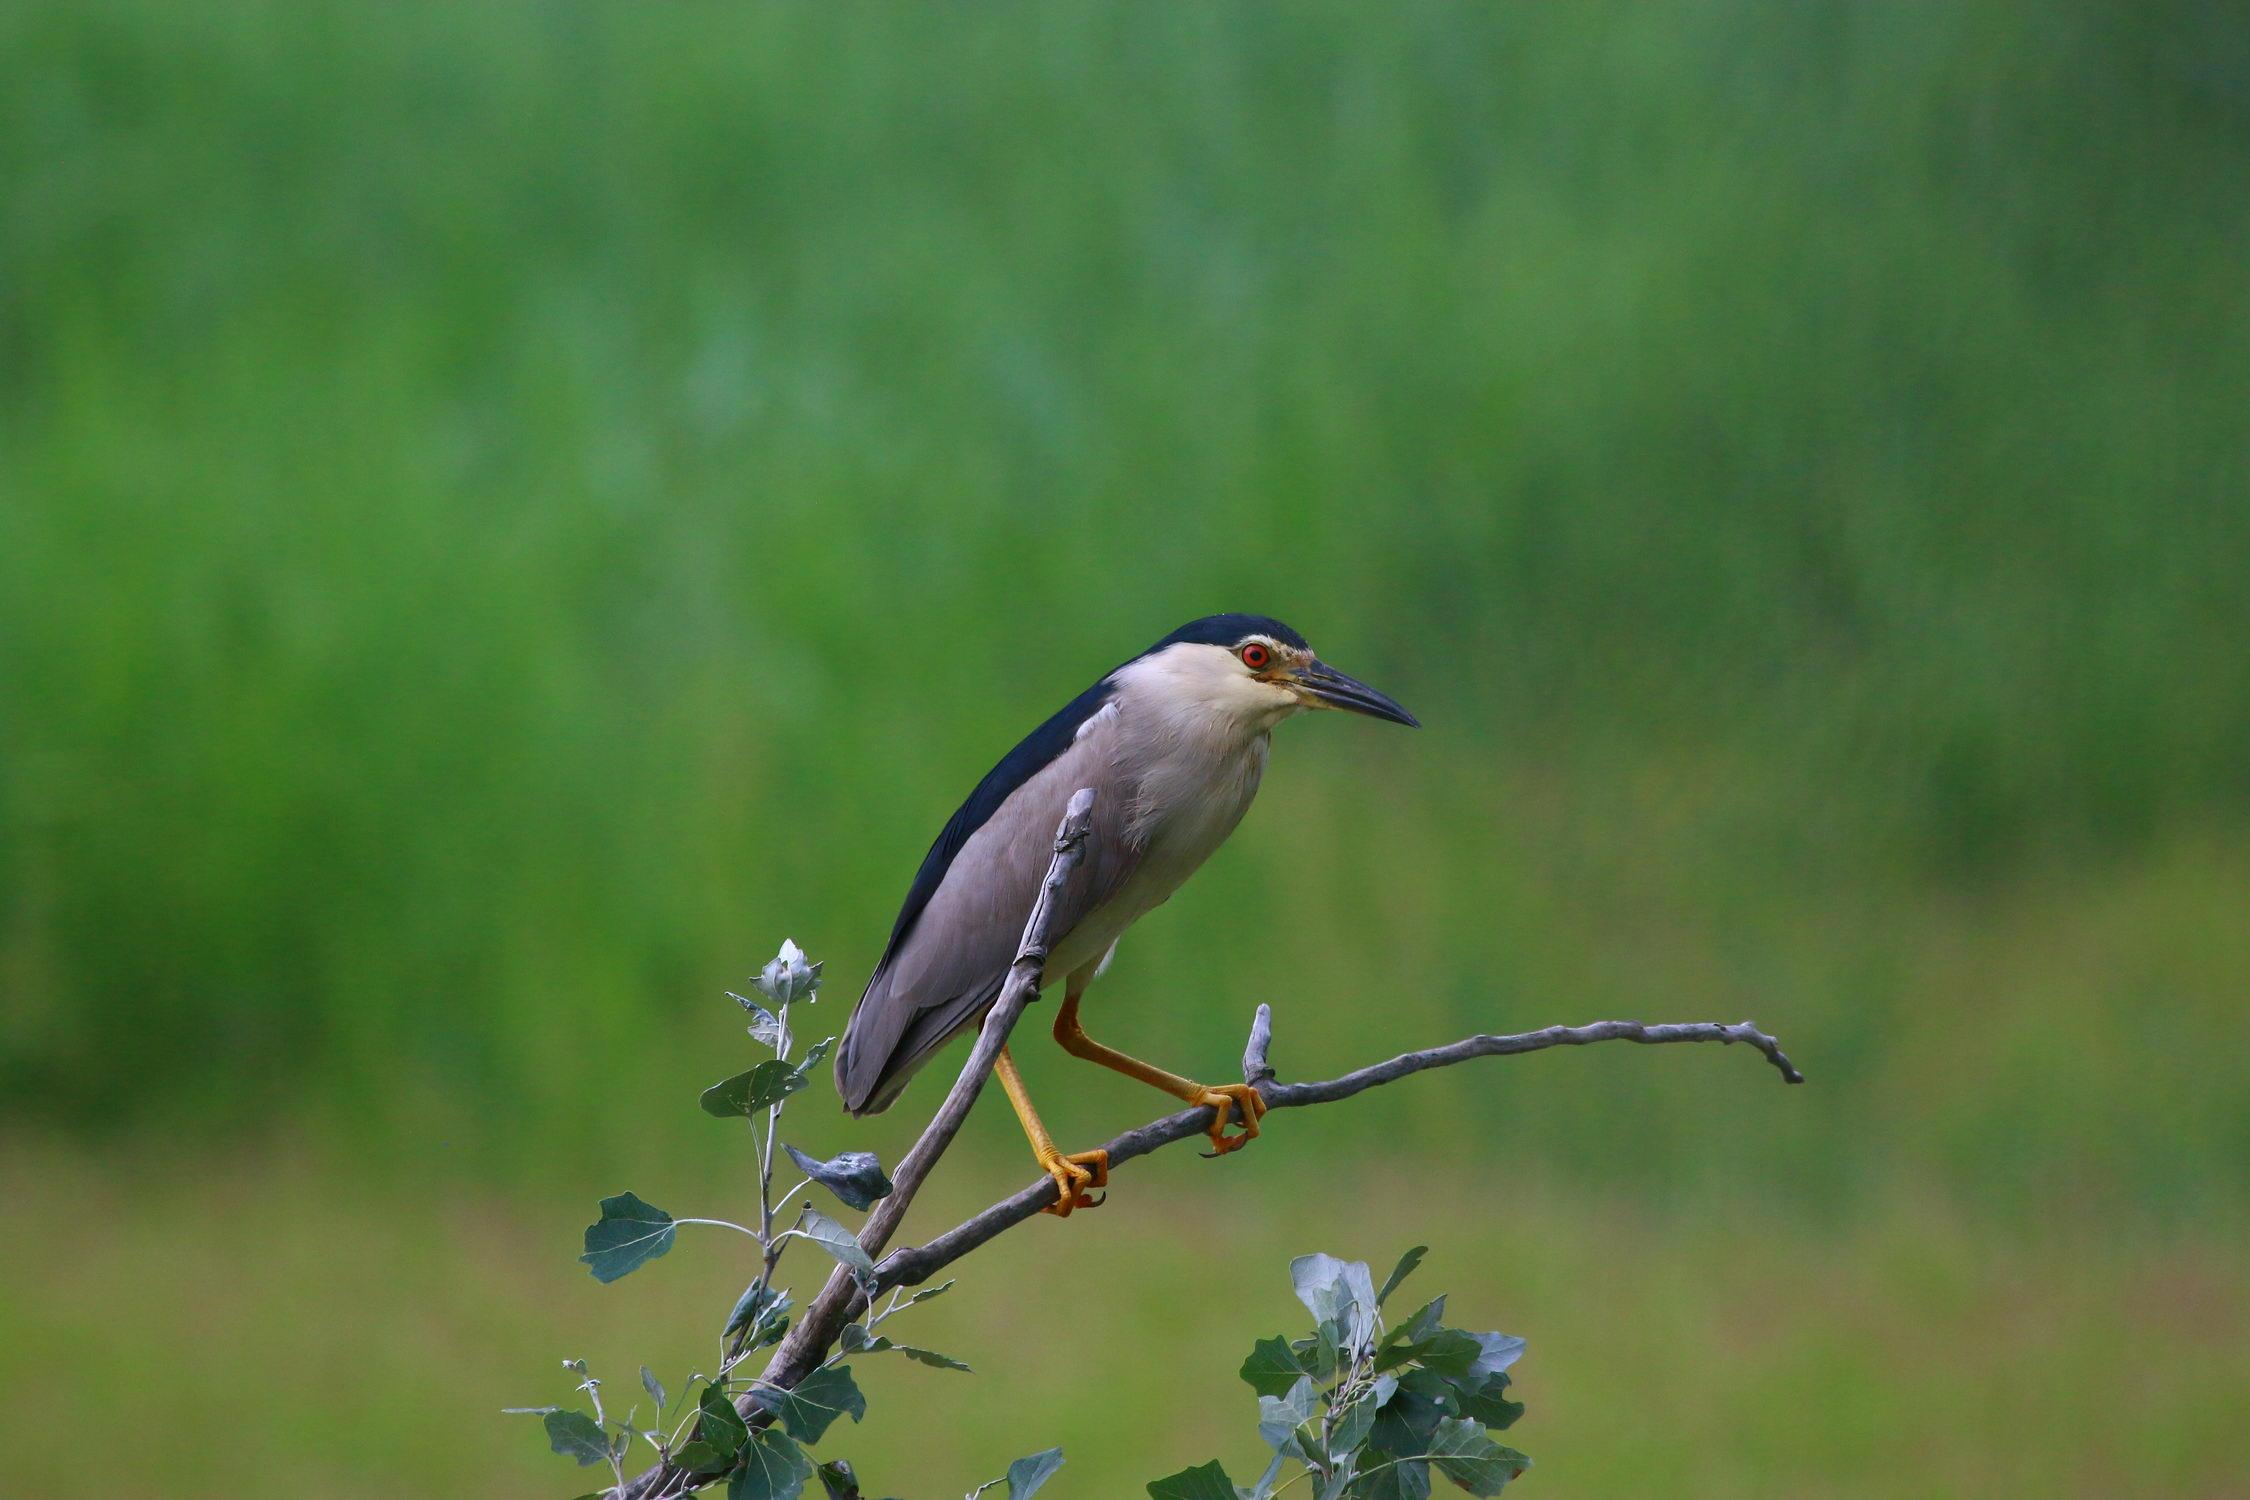 5 мест в Днепре, где лучше всего наблюдать за птицами - 17 зображення